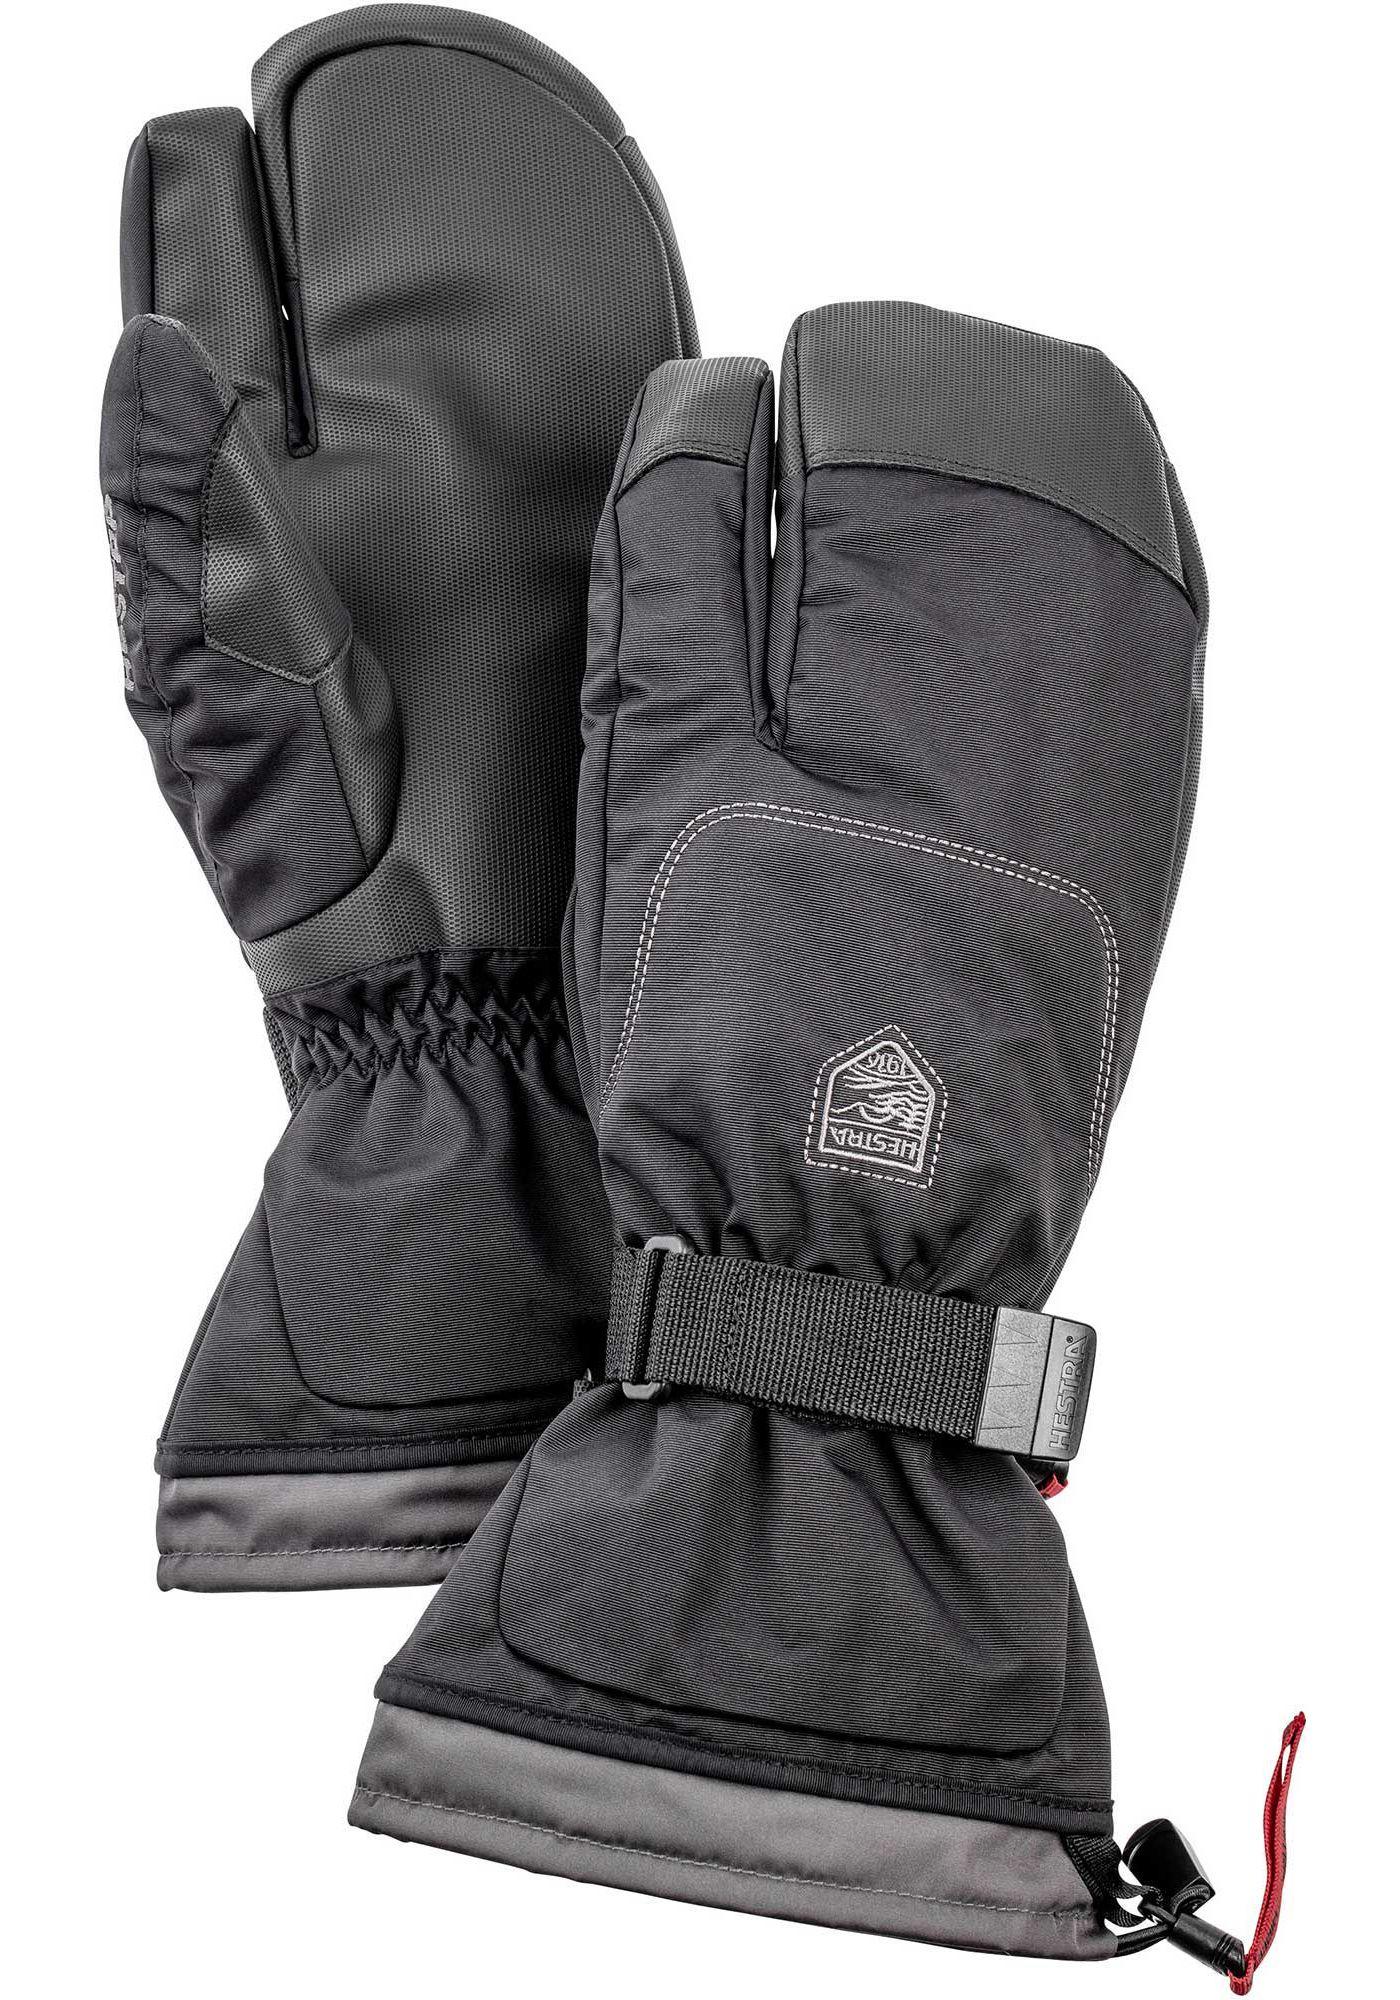 Hestra Gauntlet Sr. 3-Finger Insulated Gloves